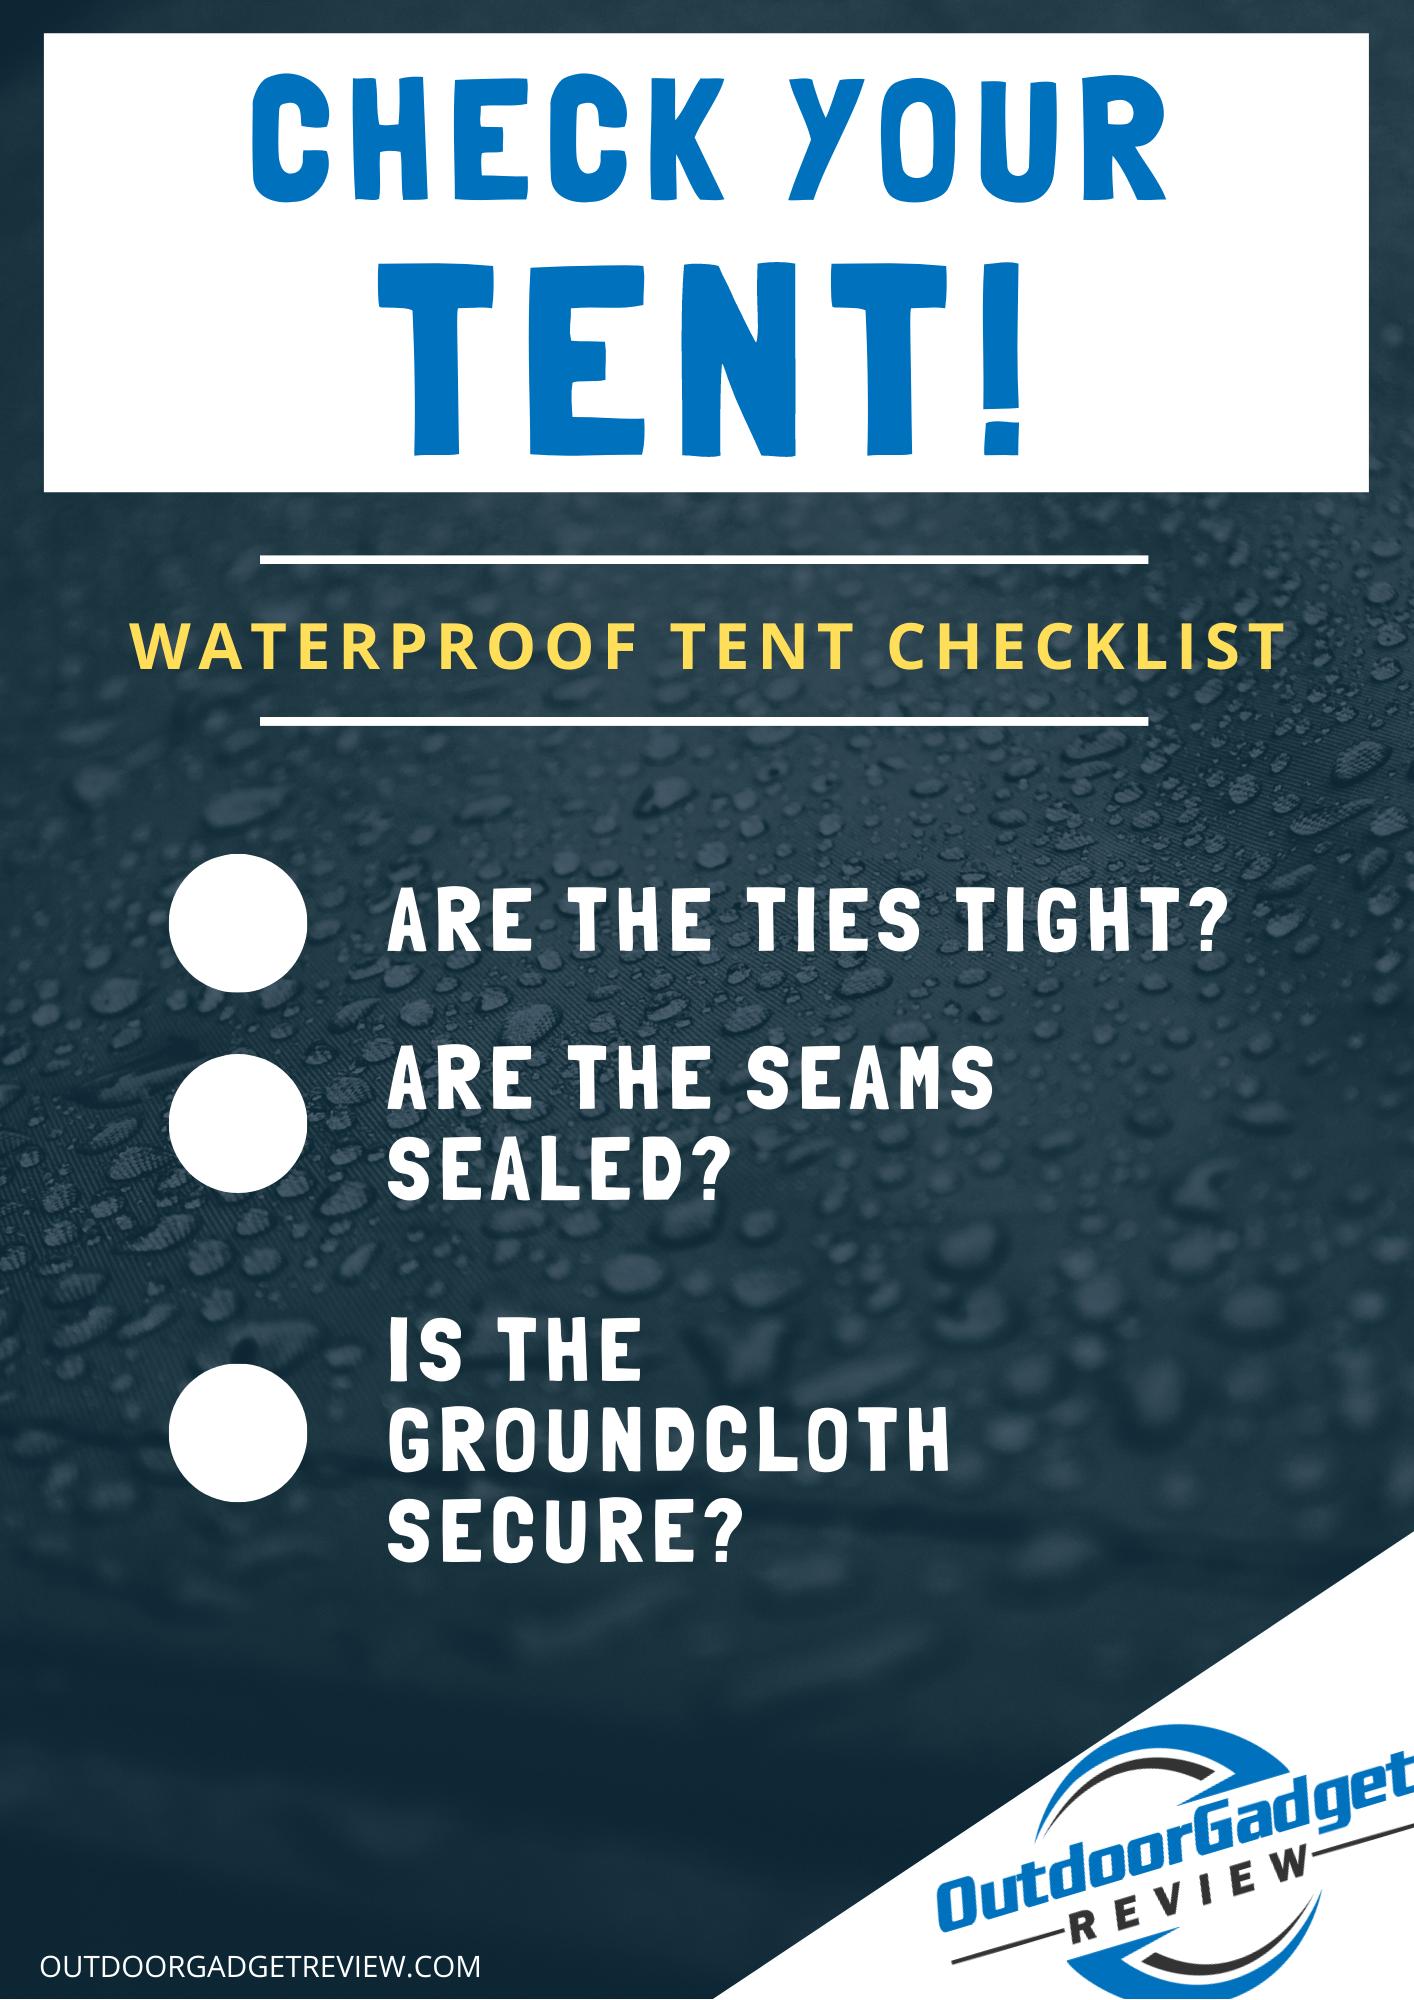 Waterproof Tent Checklist